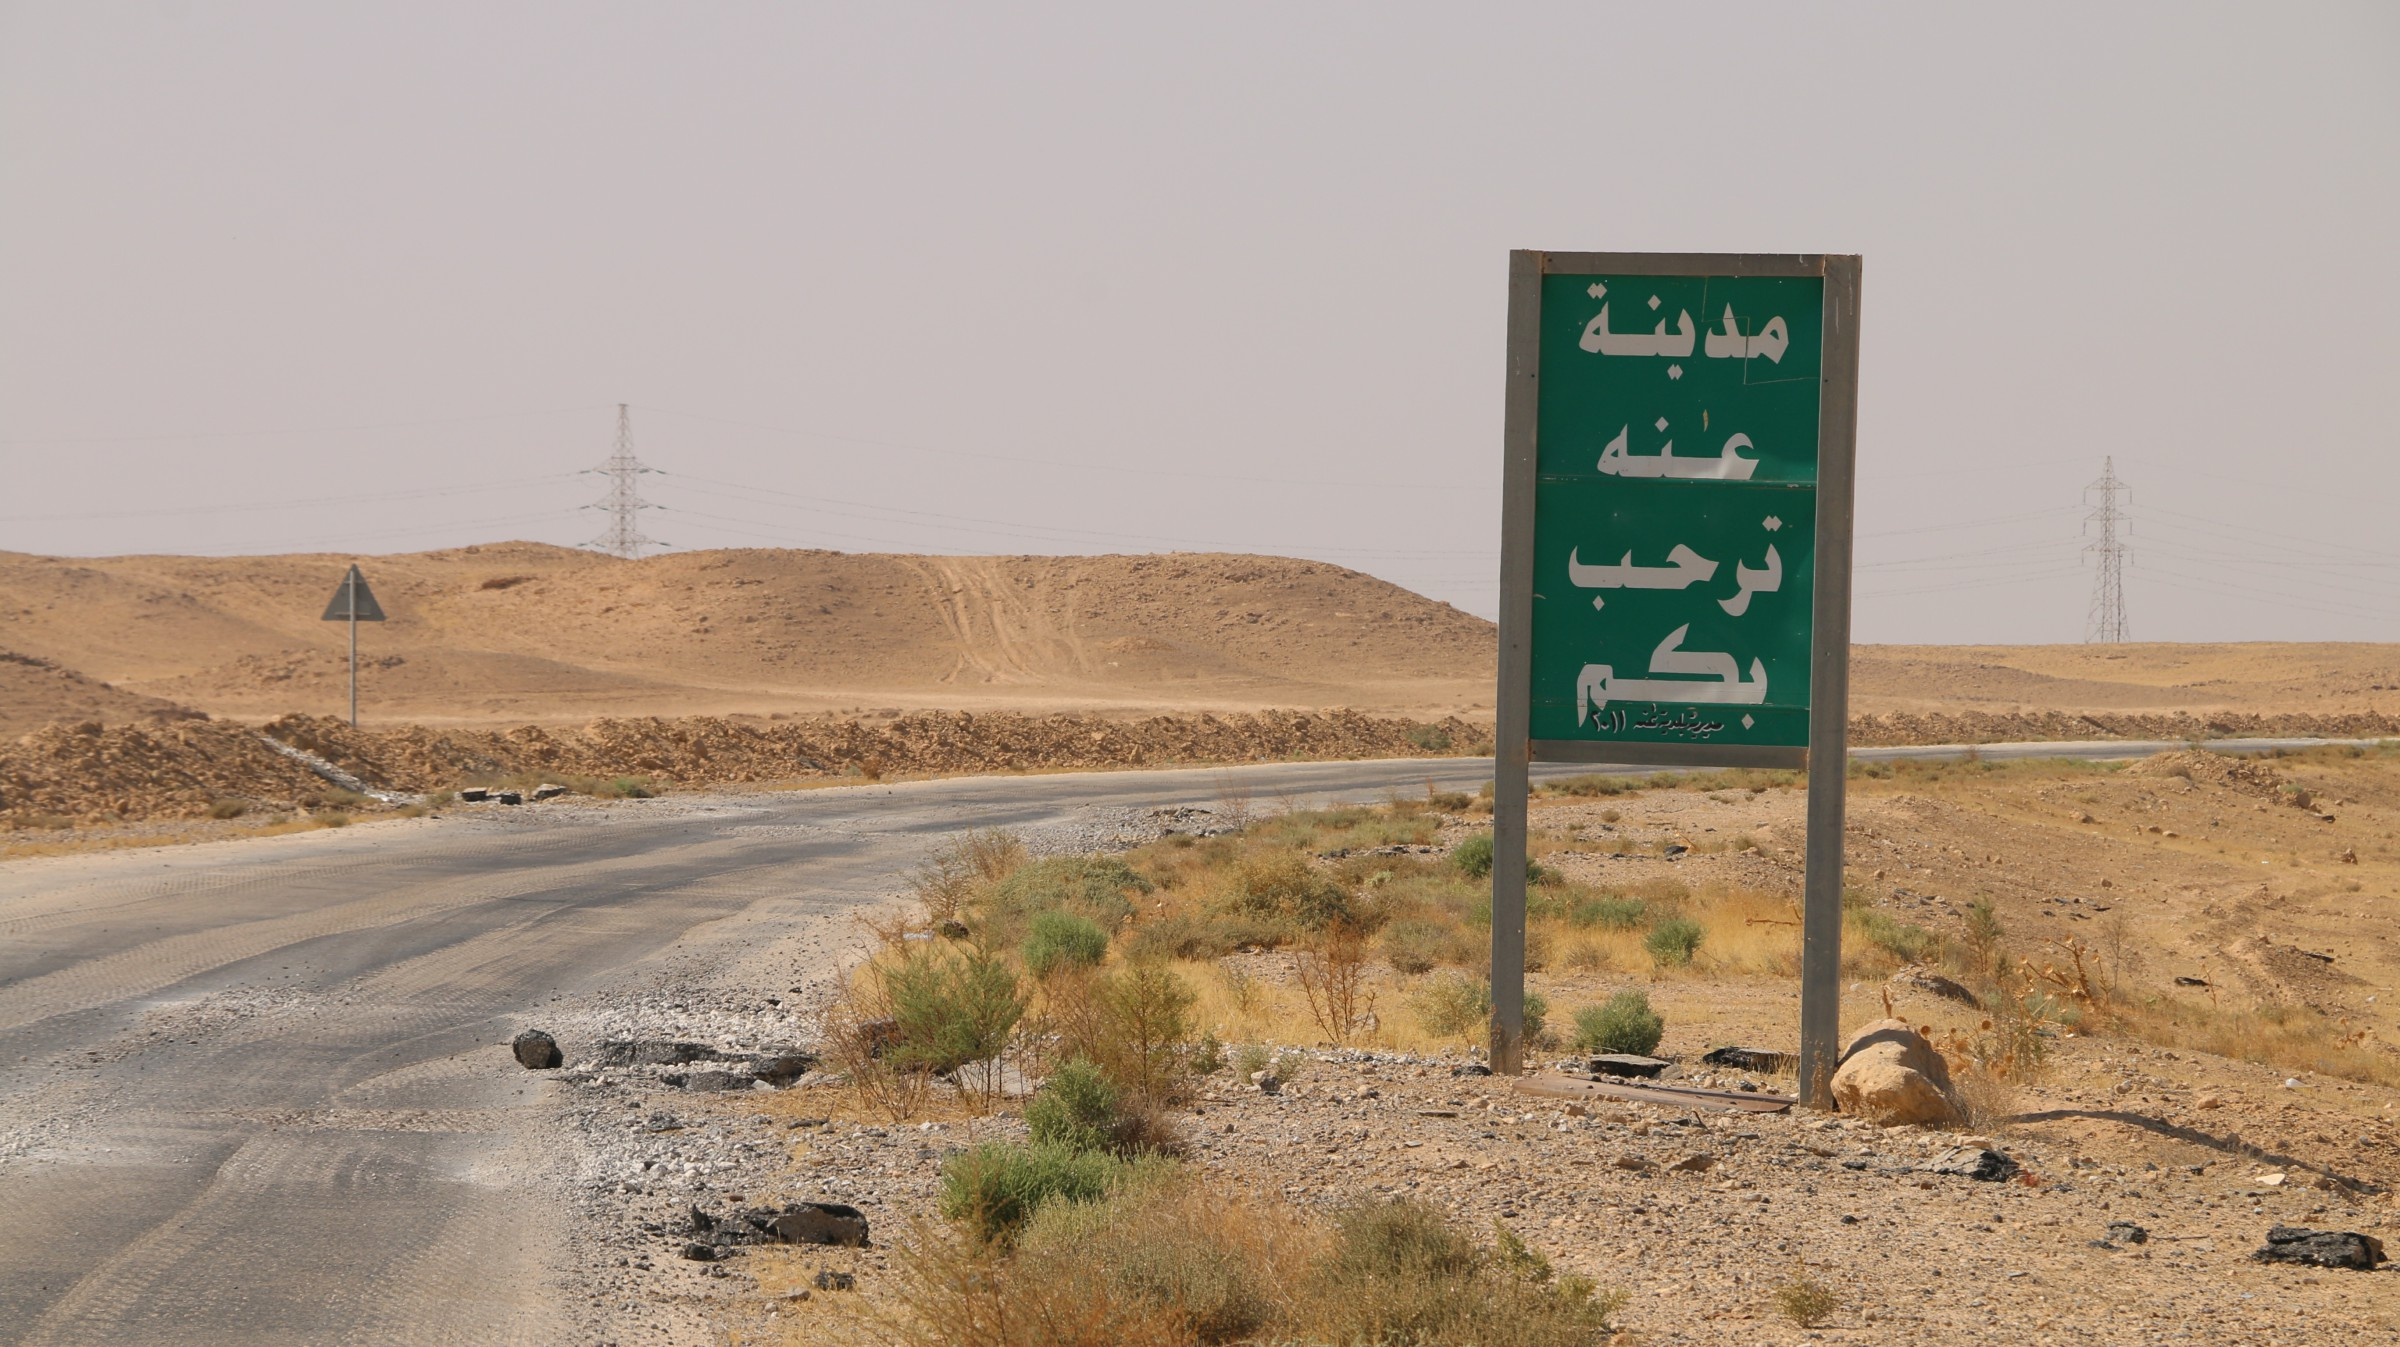 شرطة الأنبار تصد تعرض لداعش غربي المحافظة